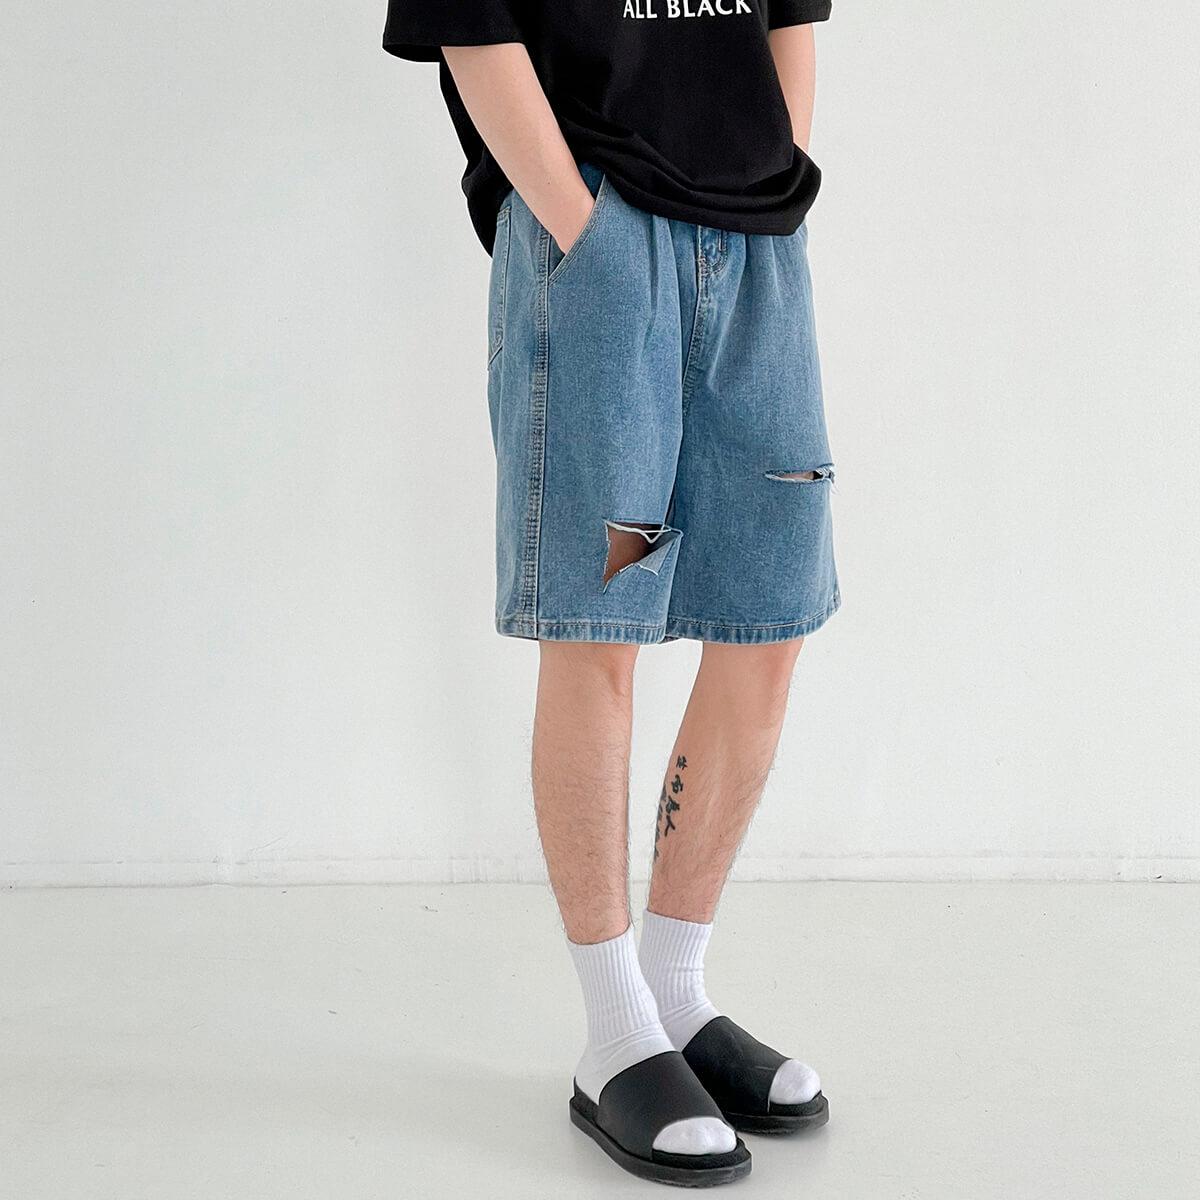 Шорты DAZO Studio Denim Shorts Ripped Raw Design (1)